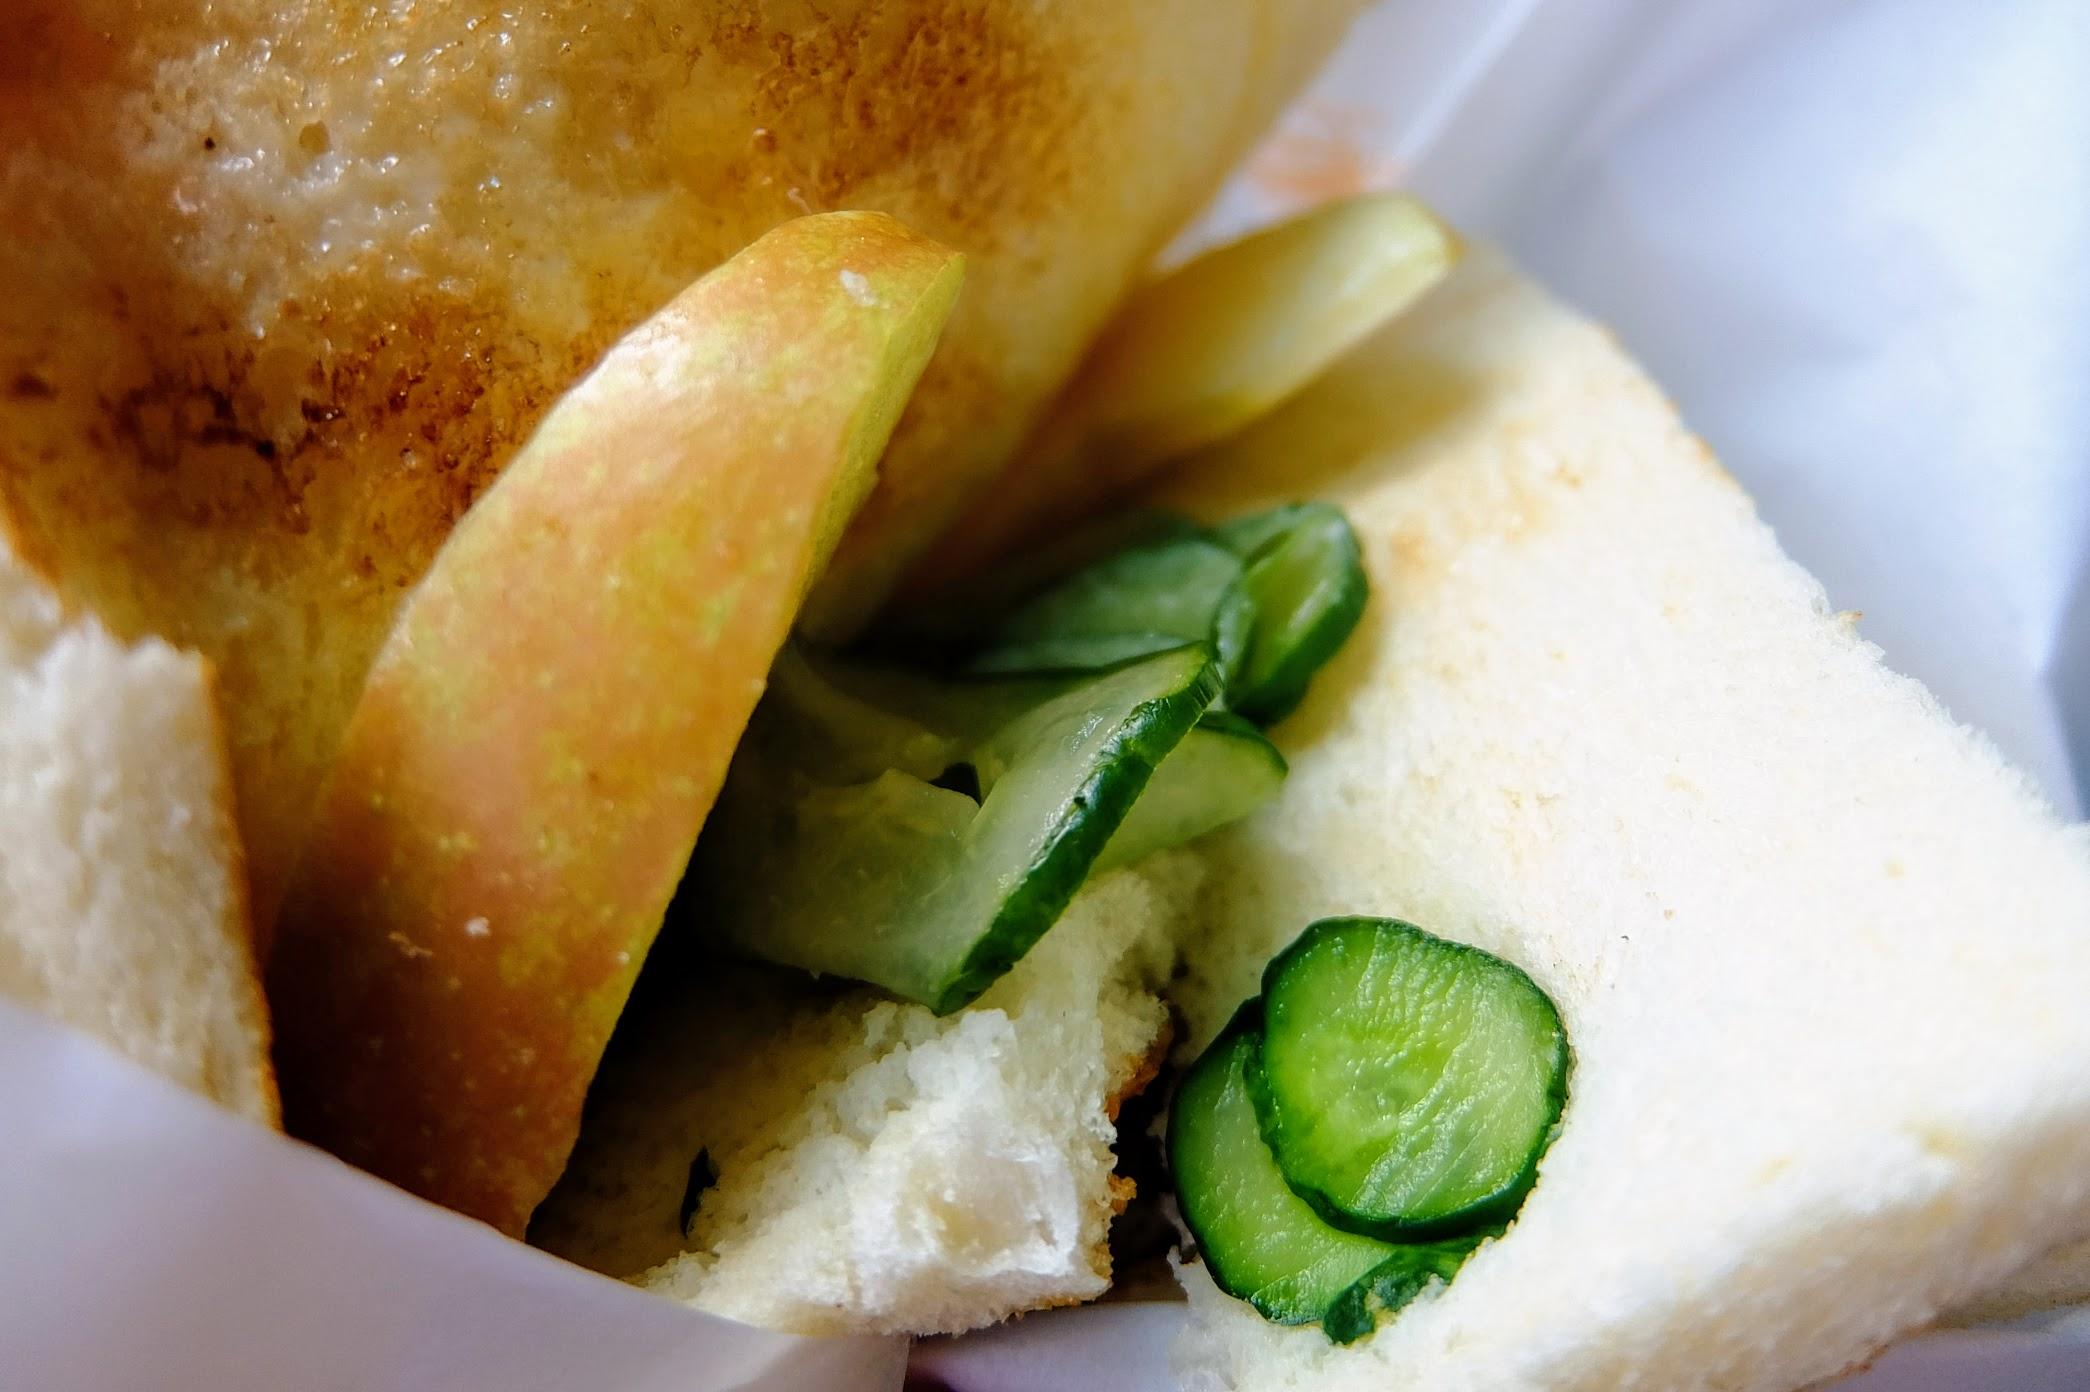 這二個三明治內其中一層挾著黃瓜與蘋果,吃起來頗爽口的